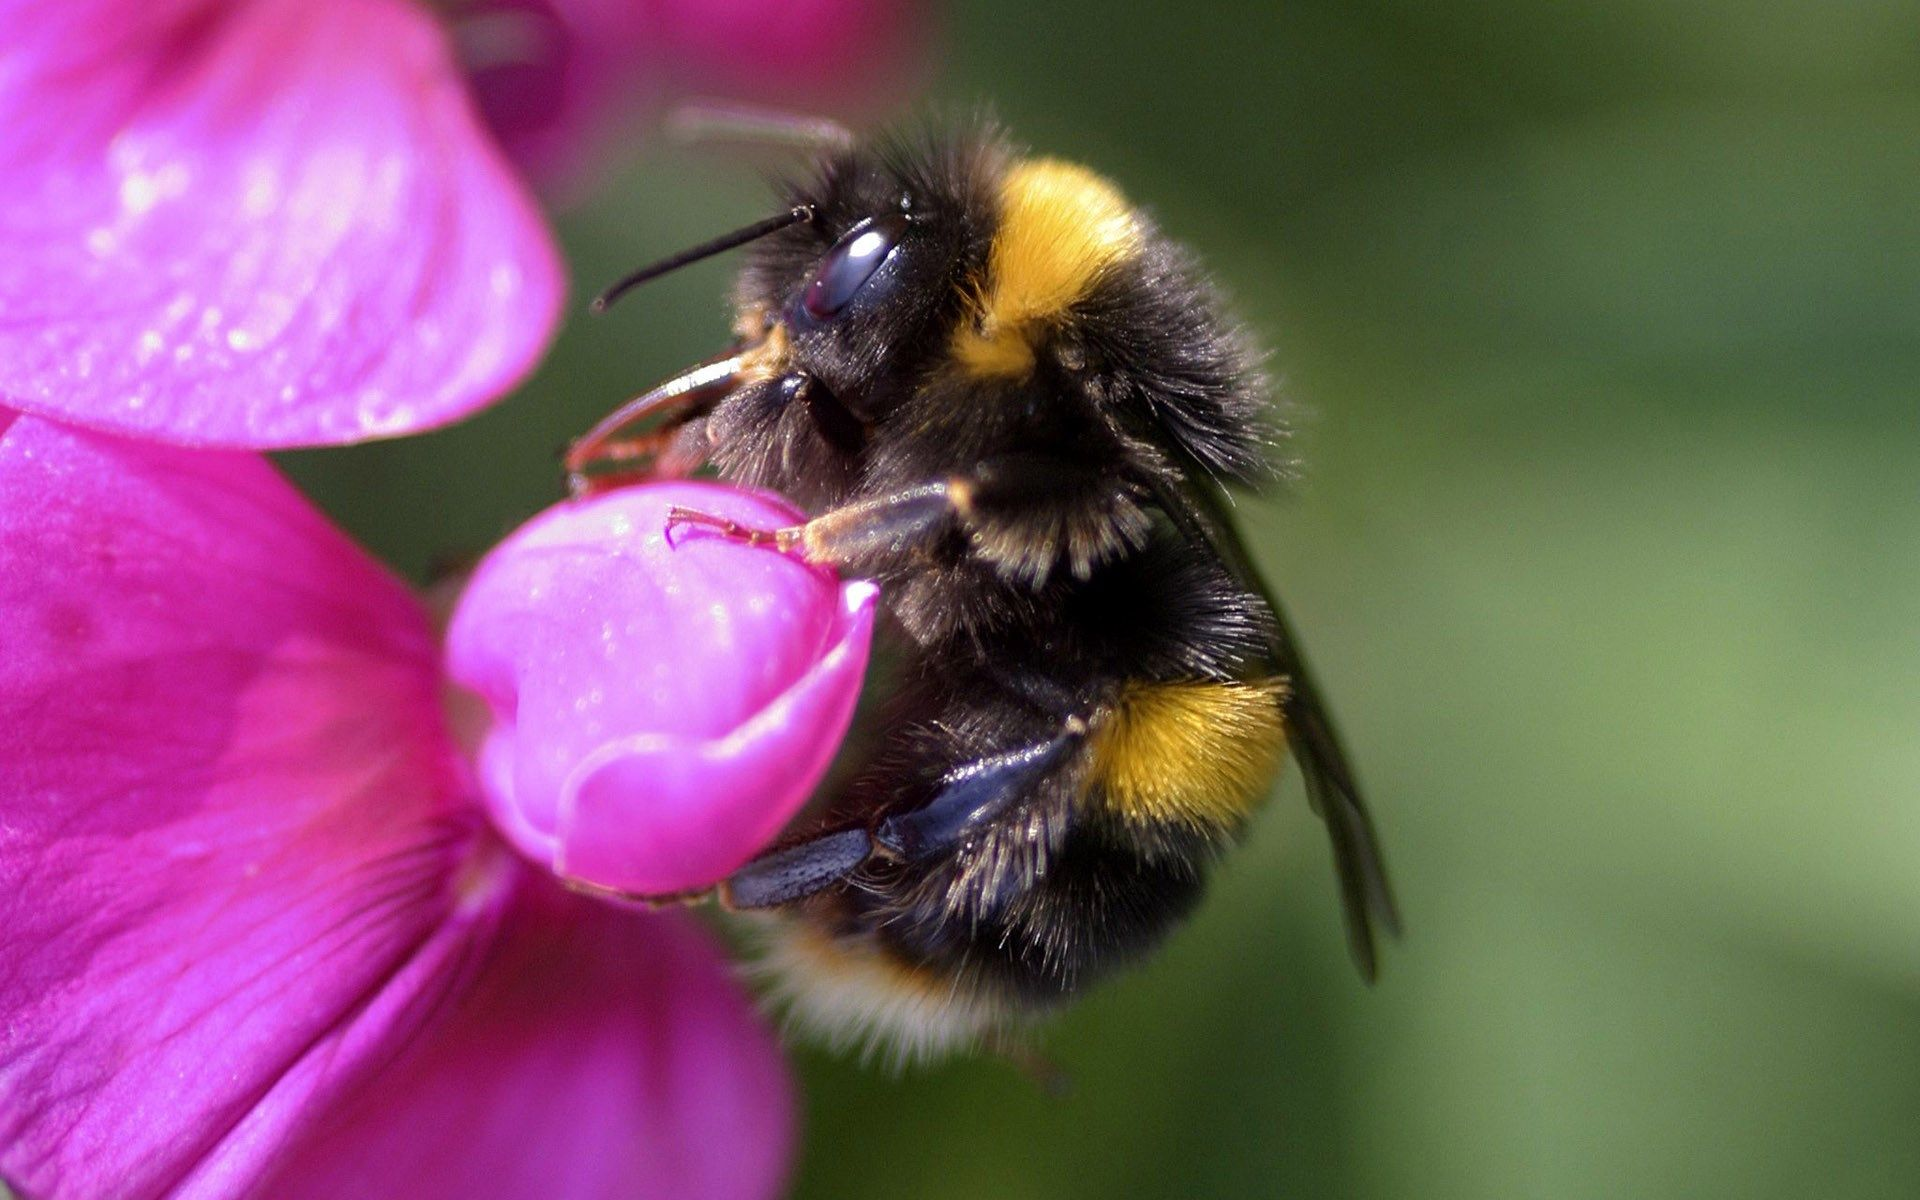 Wallpaper For Desktop Bumblebee Bee On Flower Bee Animals And Pets